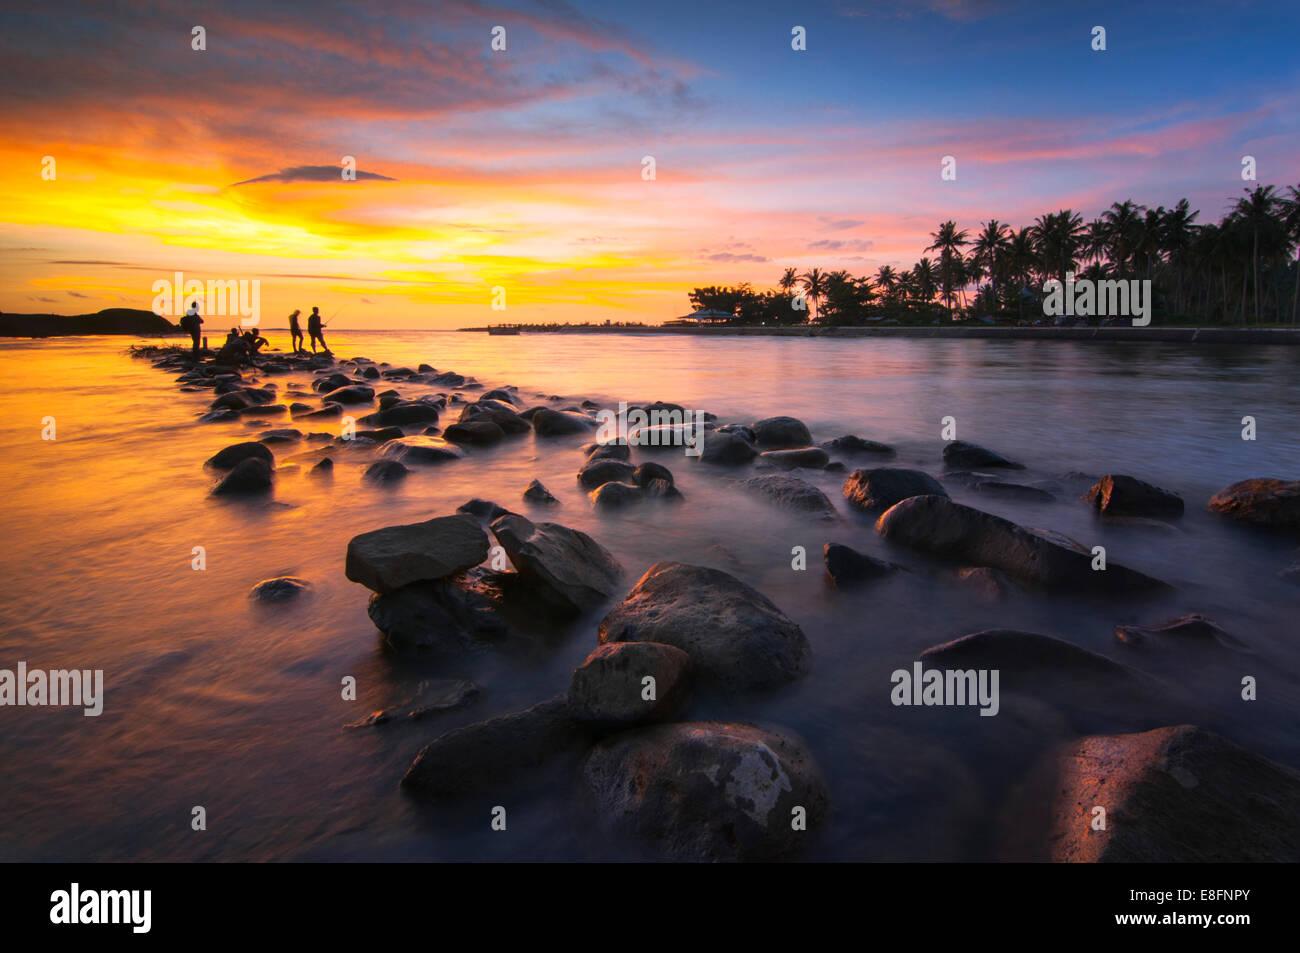 Indonesia, Sumatra, en el oeste de Sumatra, la silueta de la gente en la playa en el atardecer. Imagen De Stock